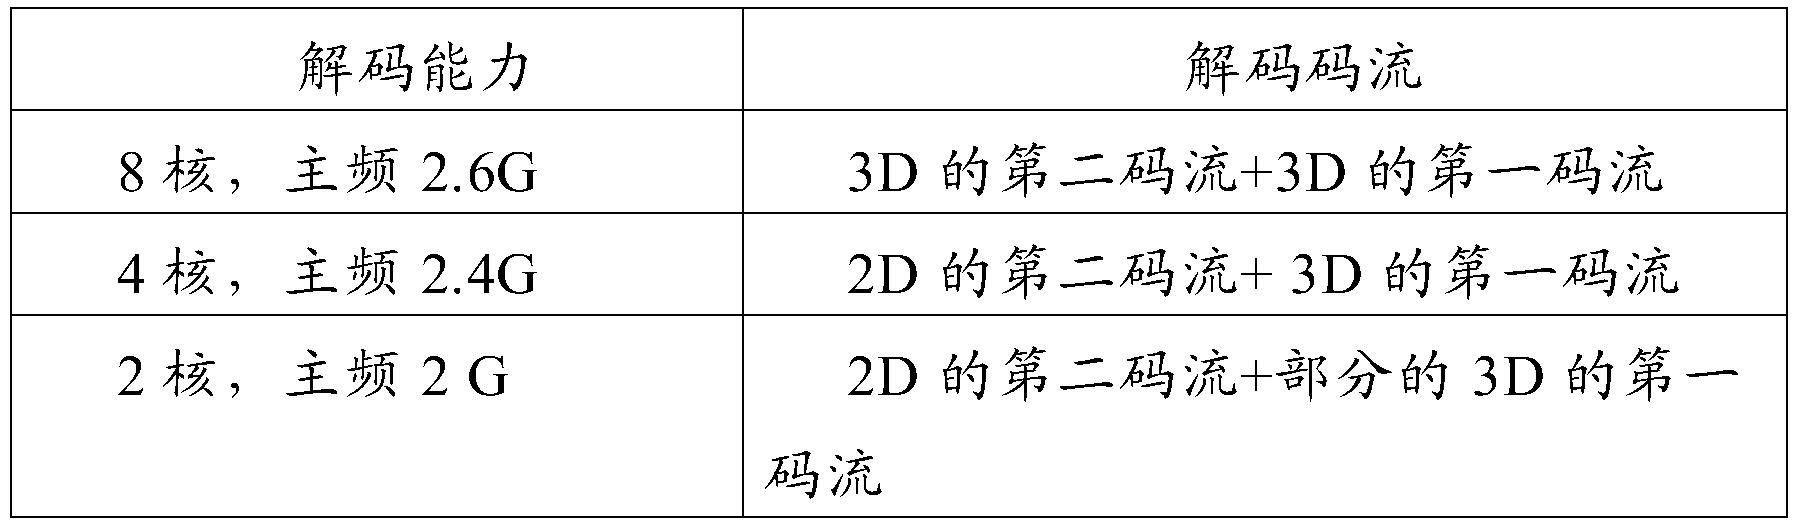 Figure PCTCN2016101823-appb-000004